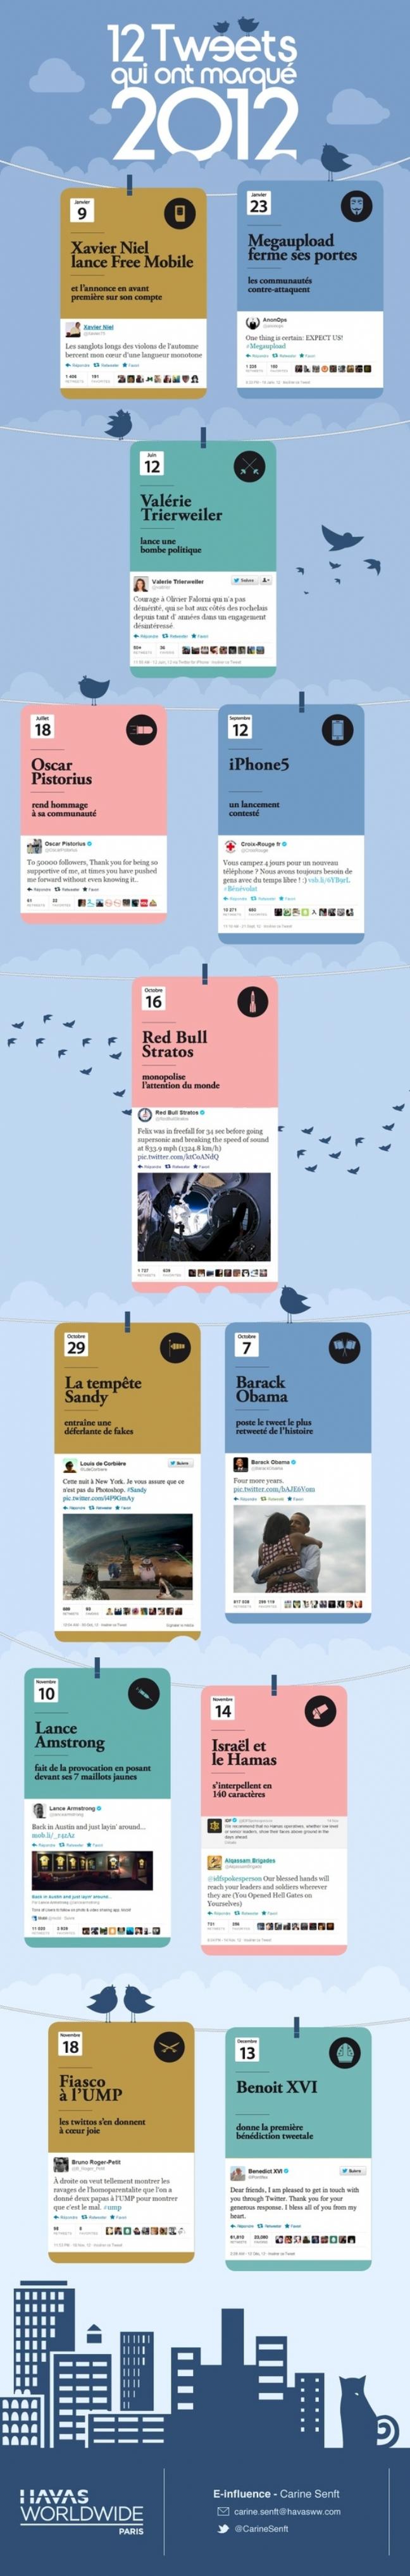 12-tweets-2012-havas-paris